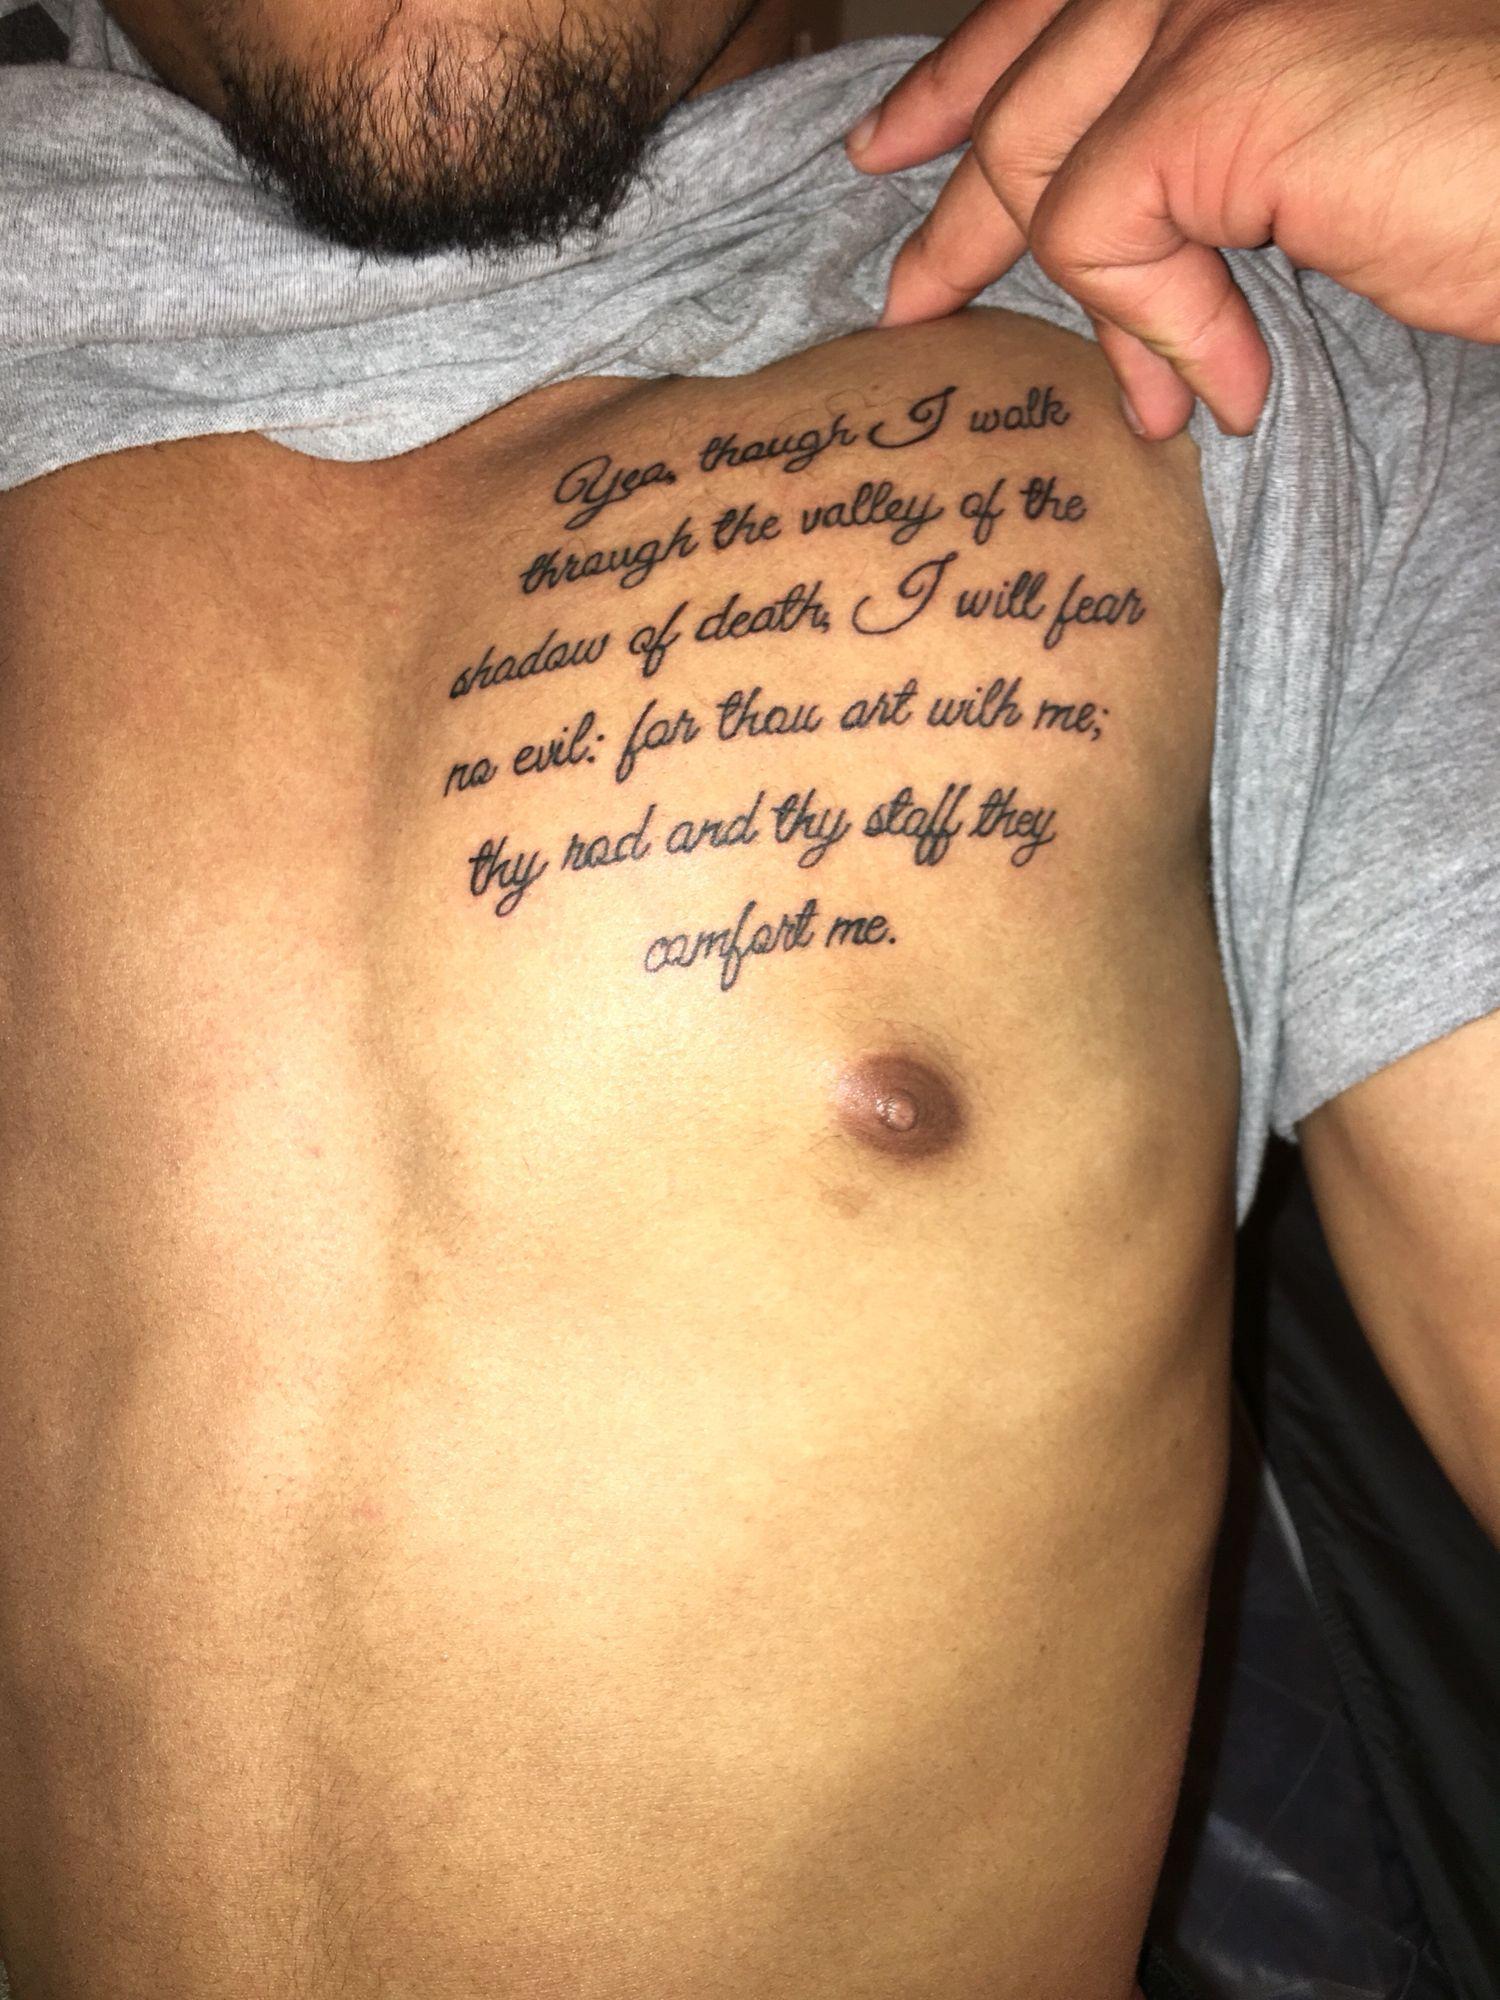 Psalms 234 Tattoos Psalm 23 Tattoo Tattoos Tattoos For Guys